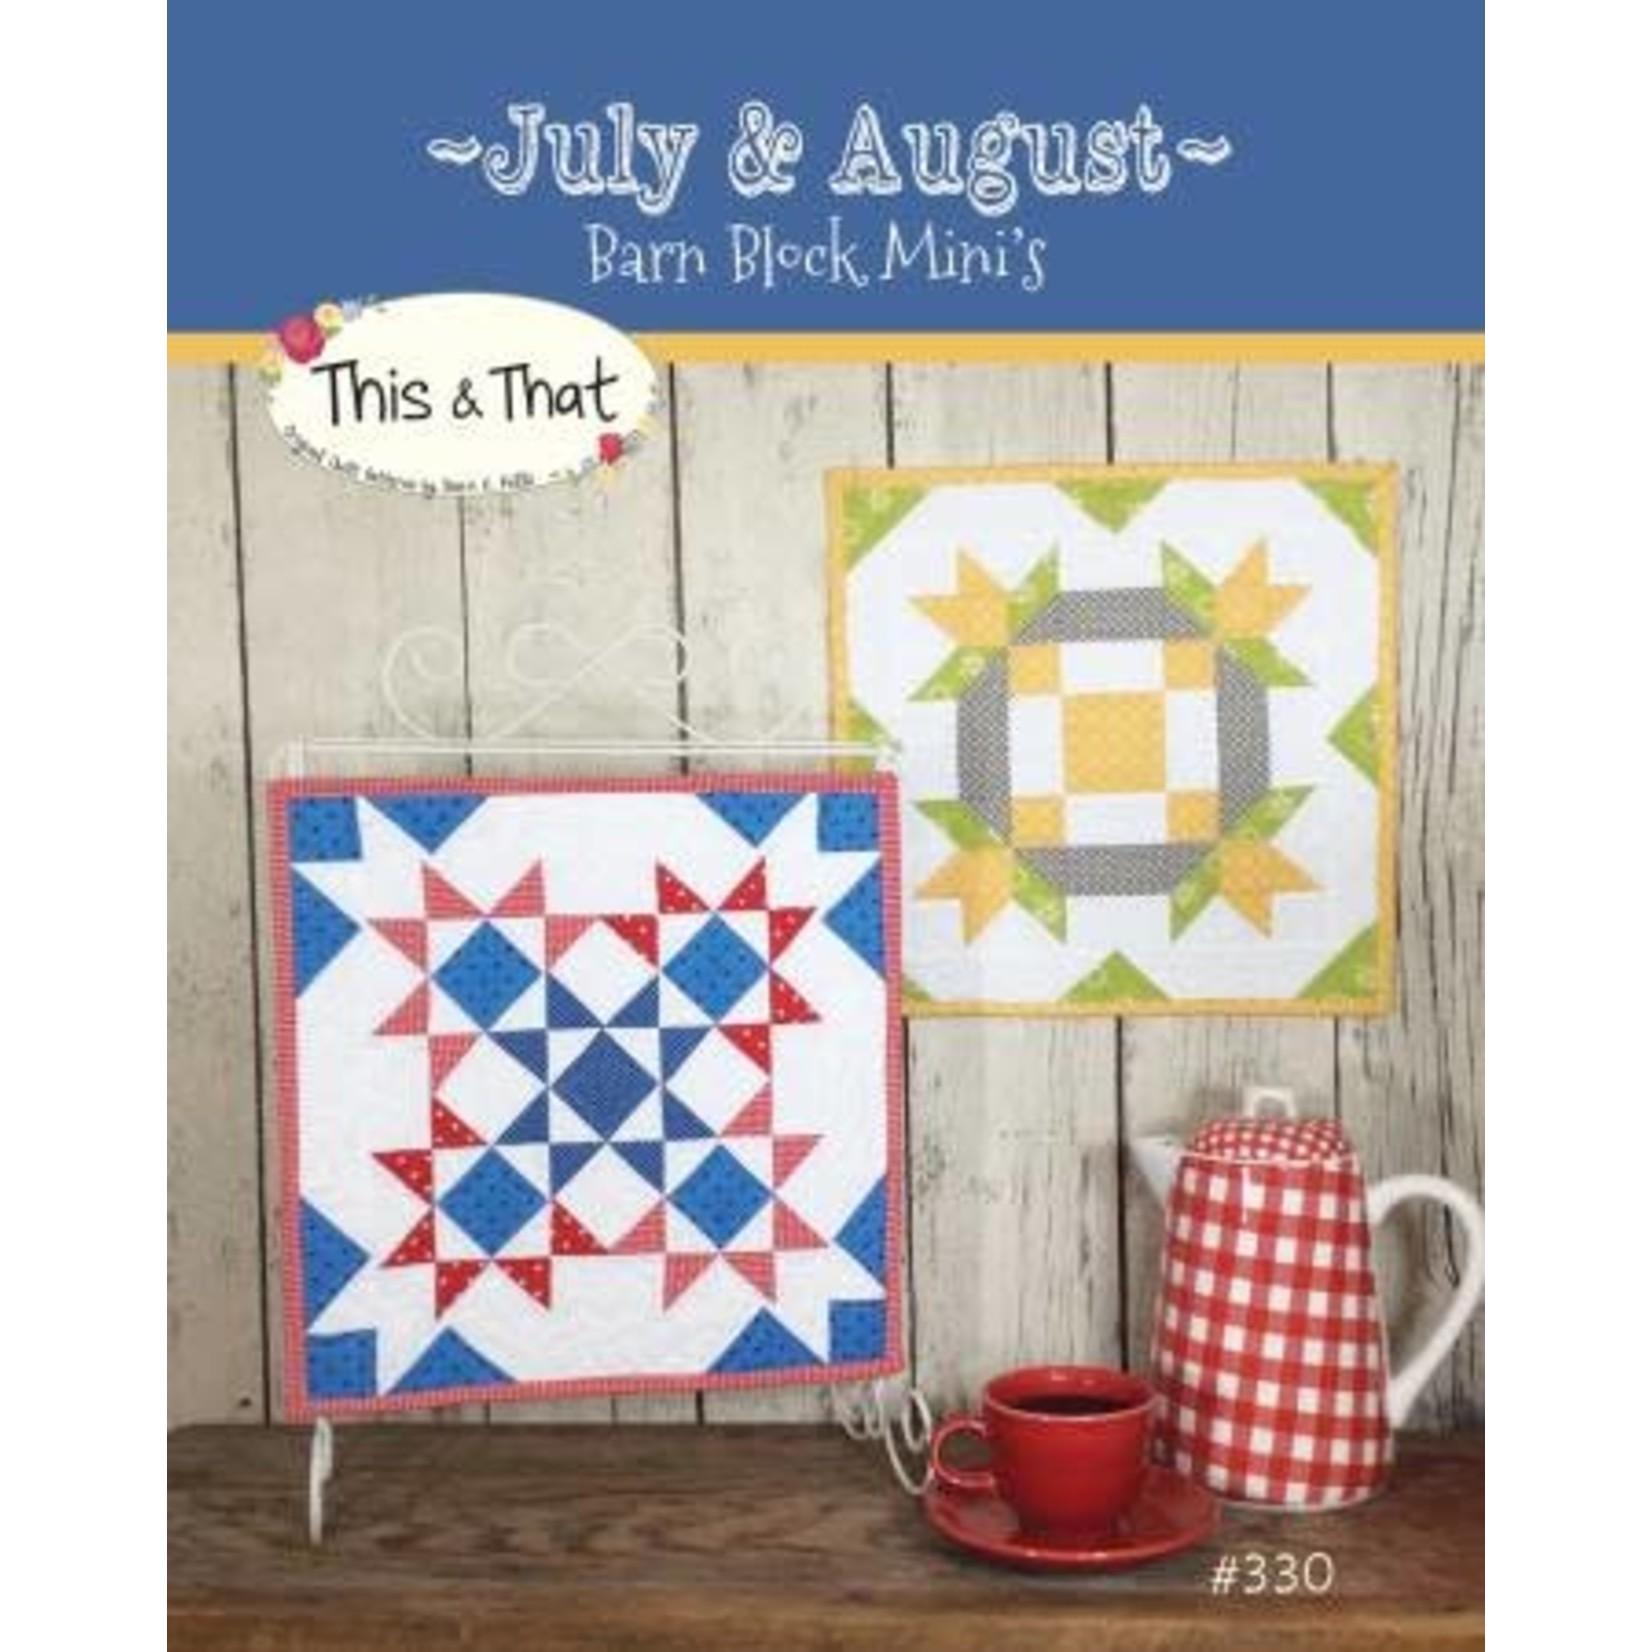 Barn Block Mini's July & August - Sherri K. Falls